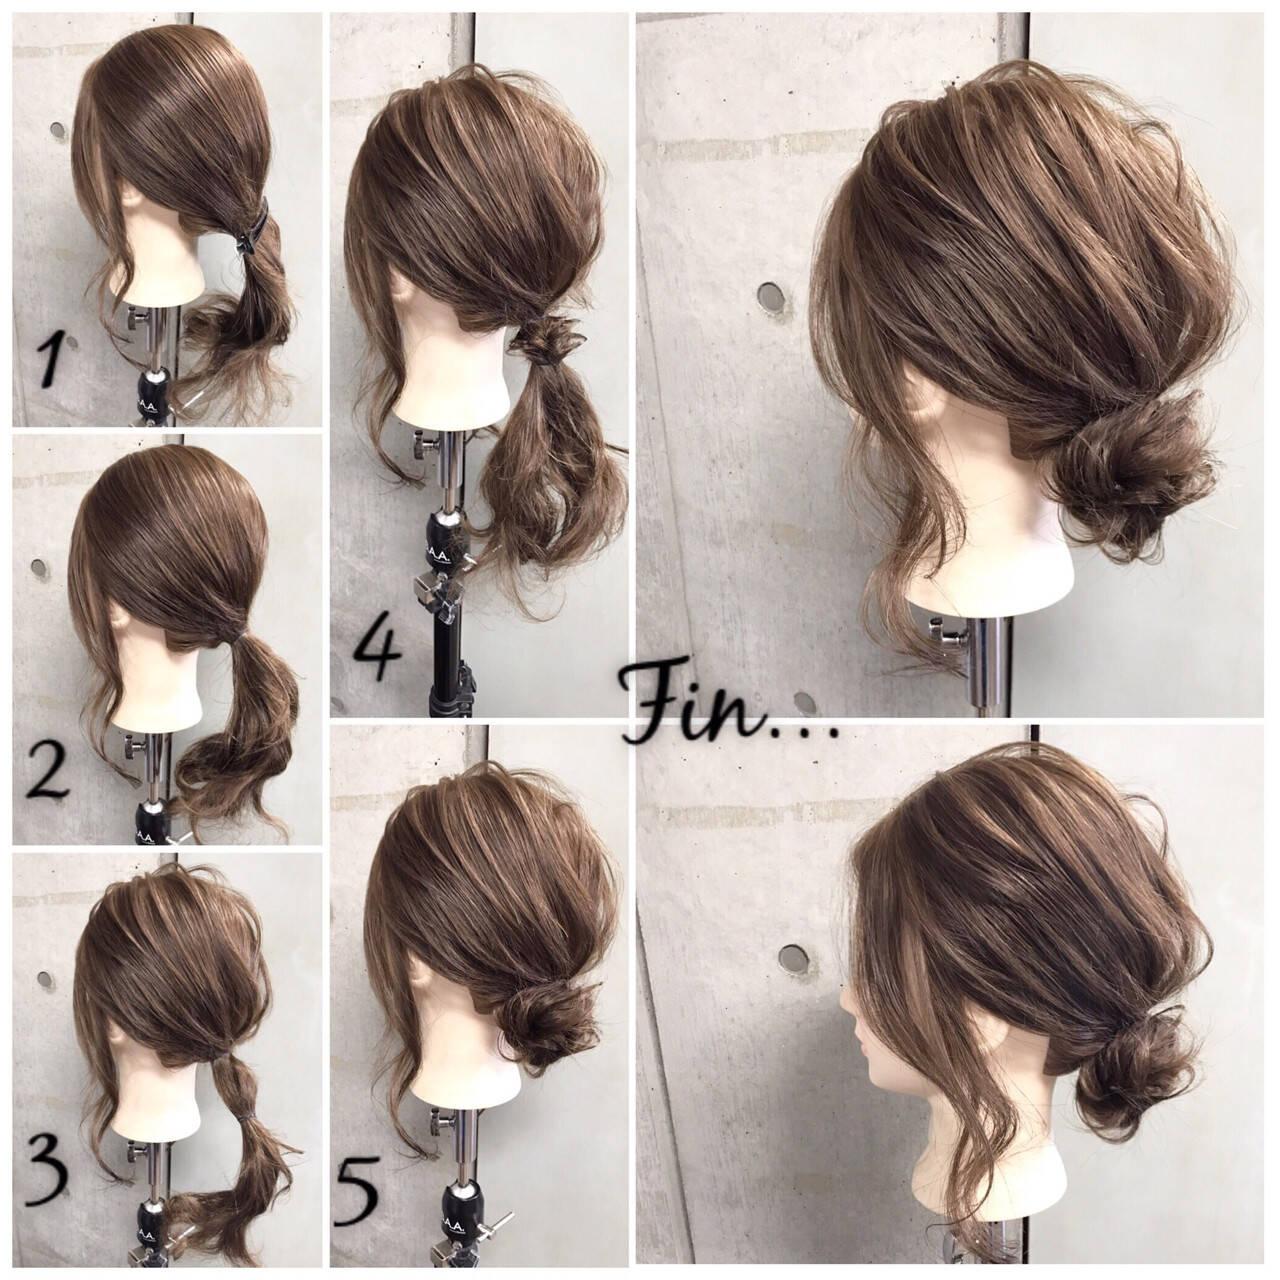 女子会 ヘアアレンジ セミロング オフィスヘアスタイルや髪型の写真・画像